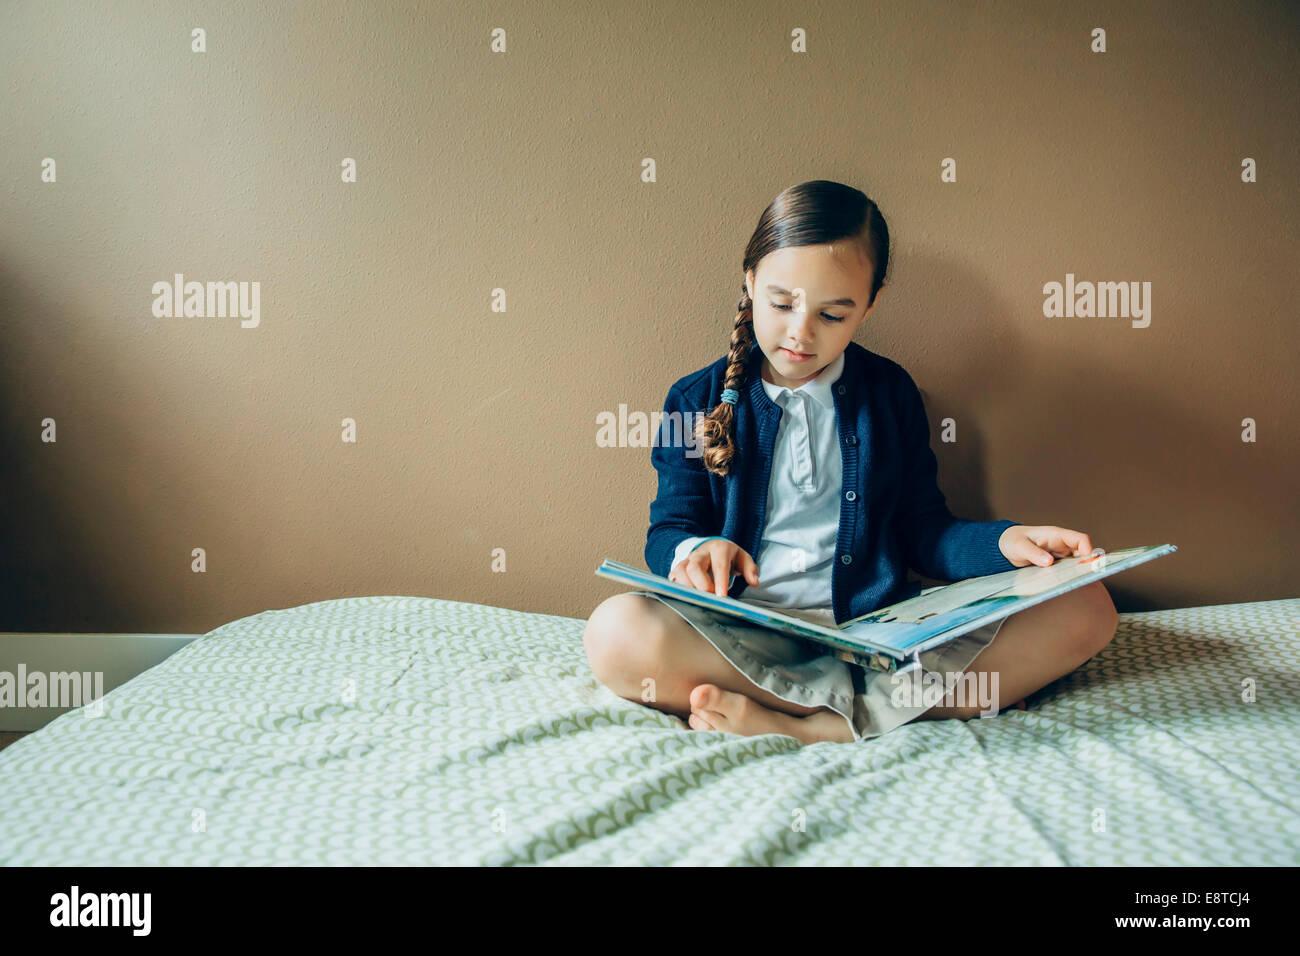 Gemischte Rassen Mädchen Lesebuch auf Bett Stockfoto